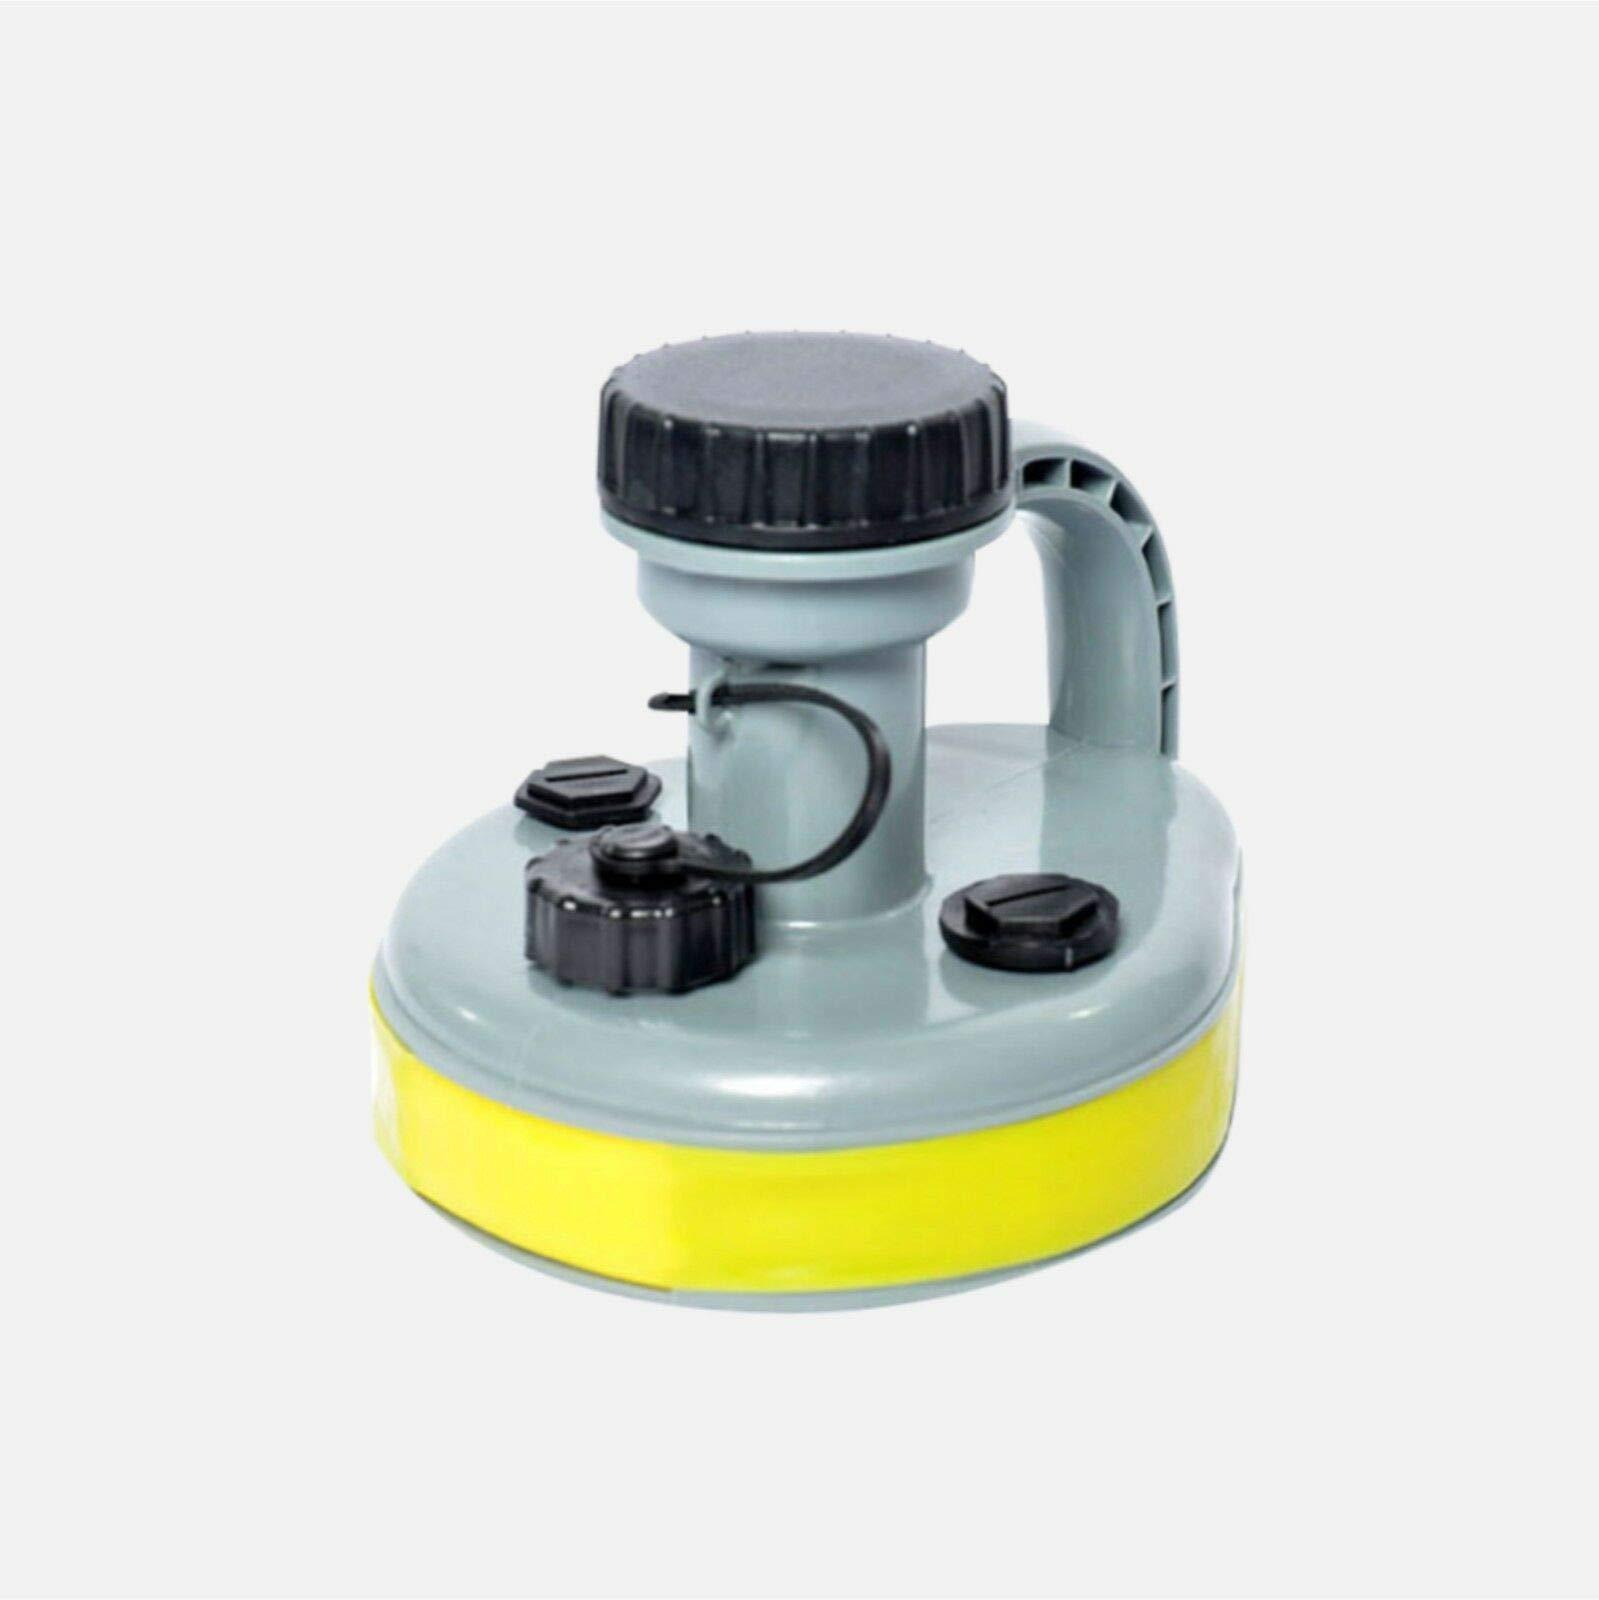 iCan 001045 Pump/Storage Lid